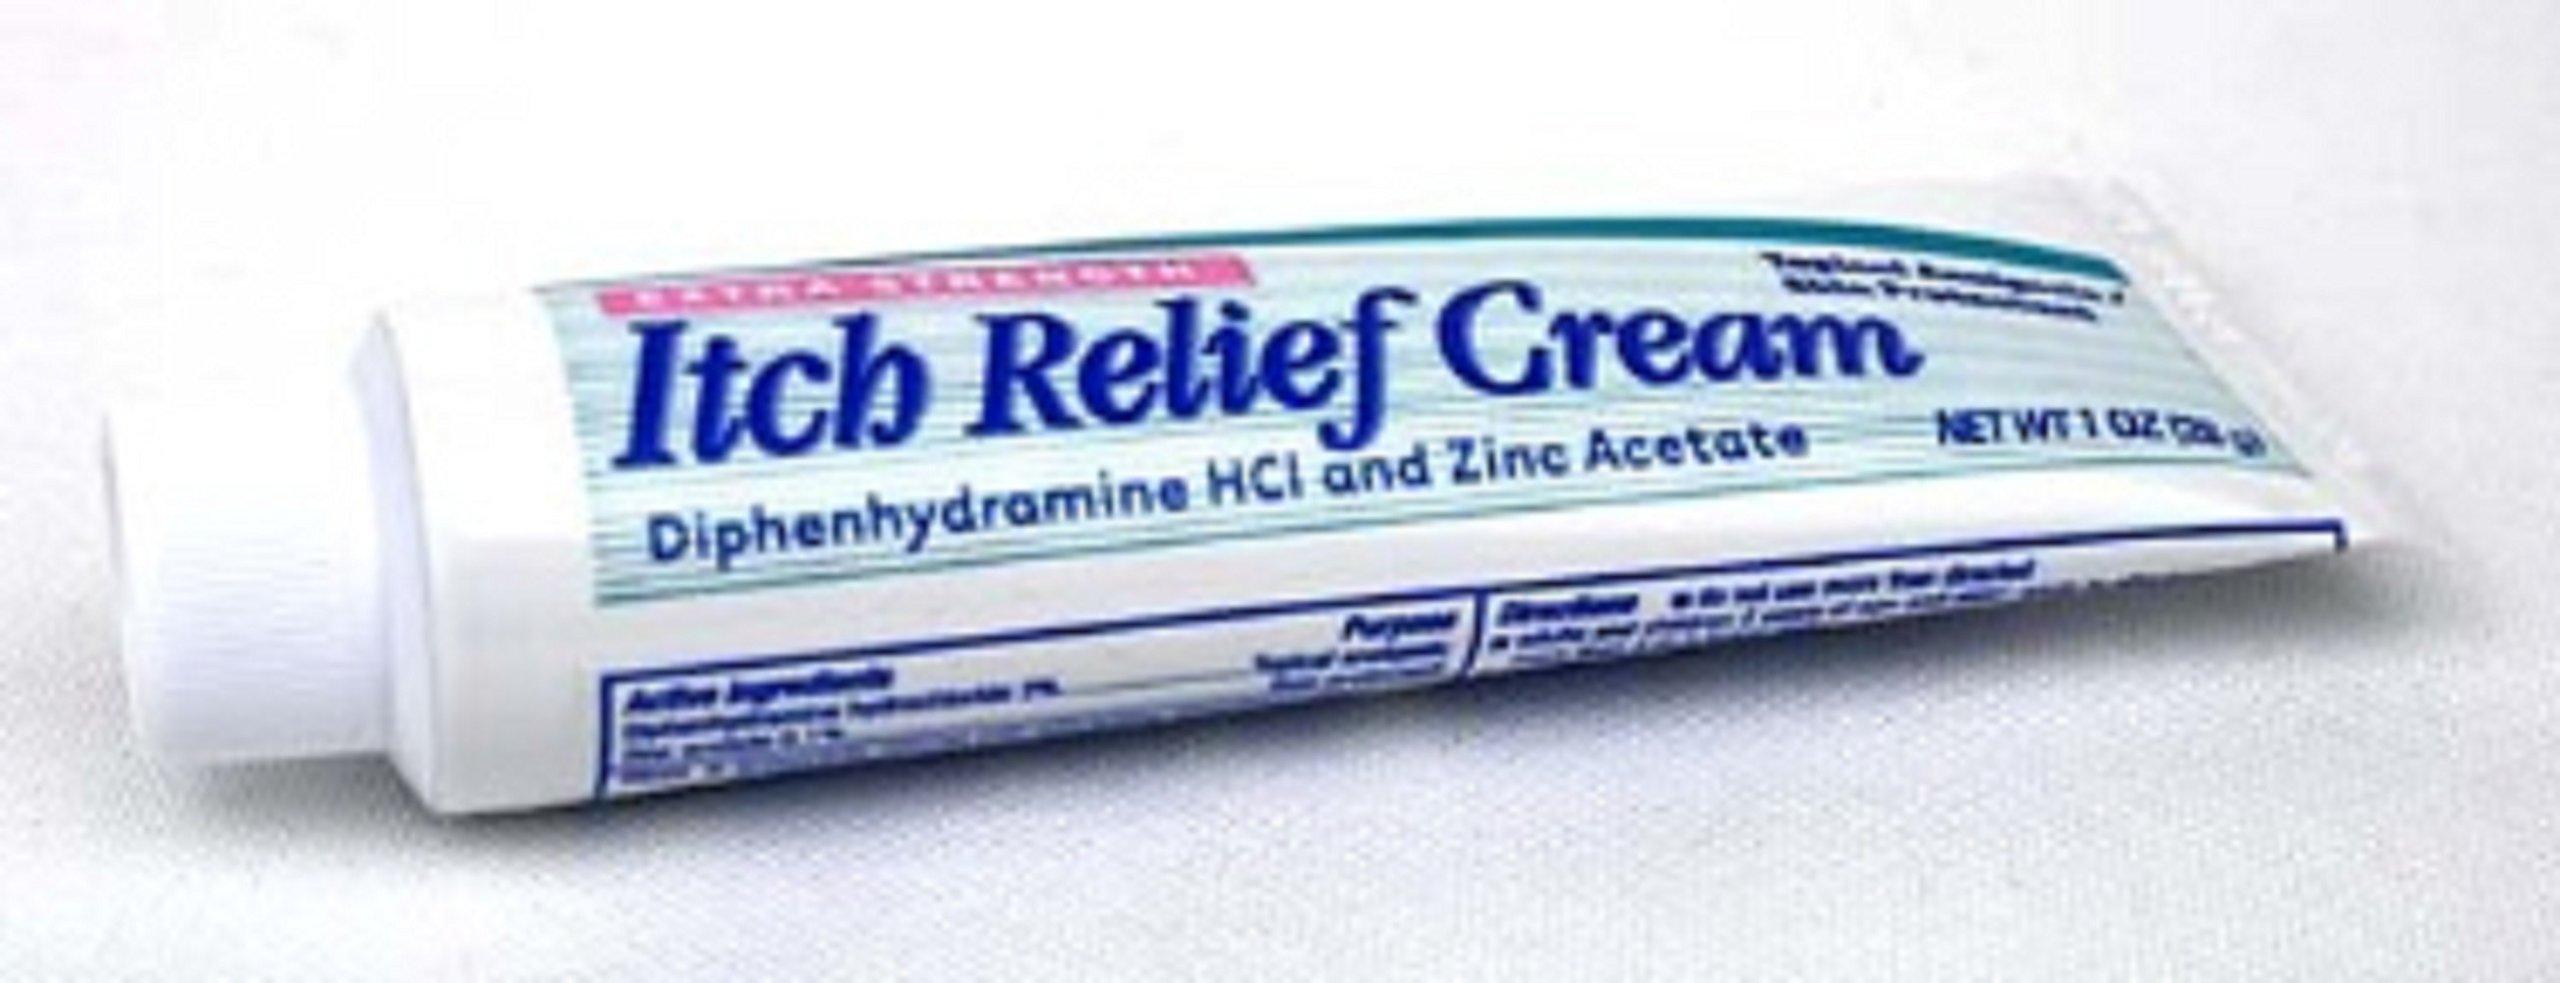 Perrigo Company - Itch Relief - 2% Strength - Cream - 1 oz. - Tube-McK